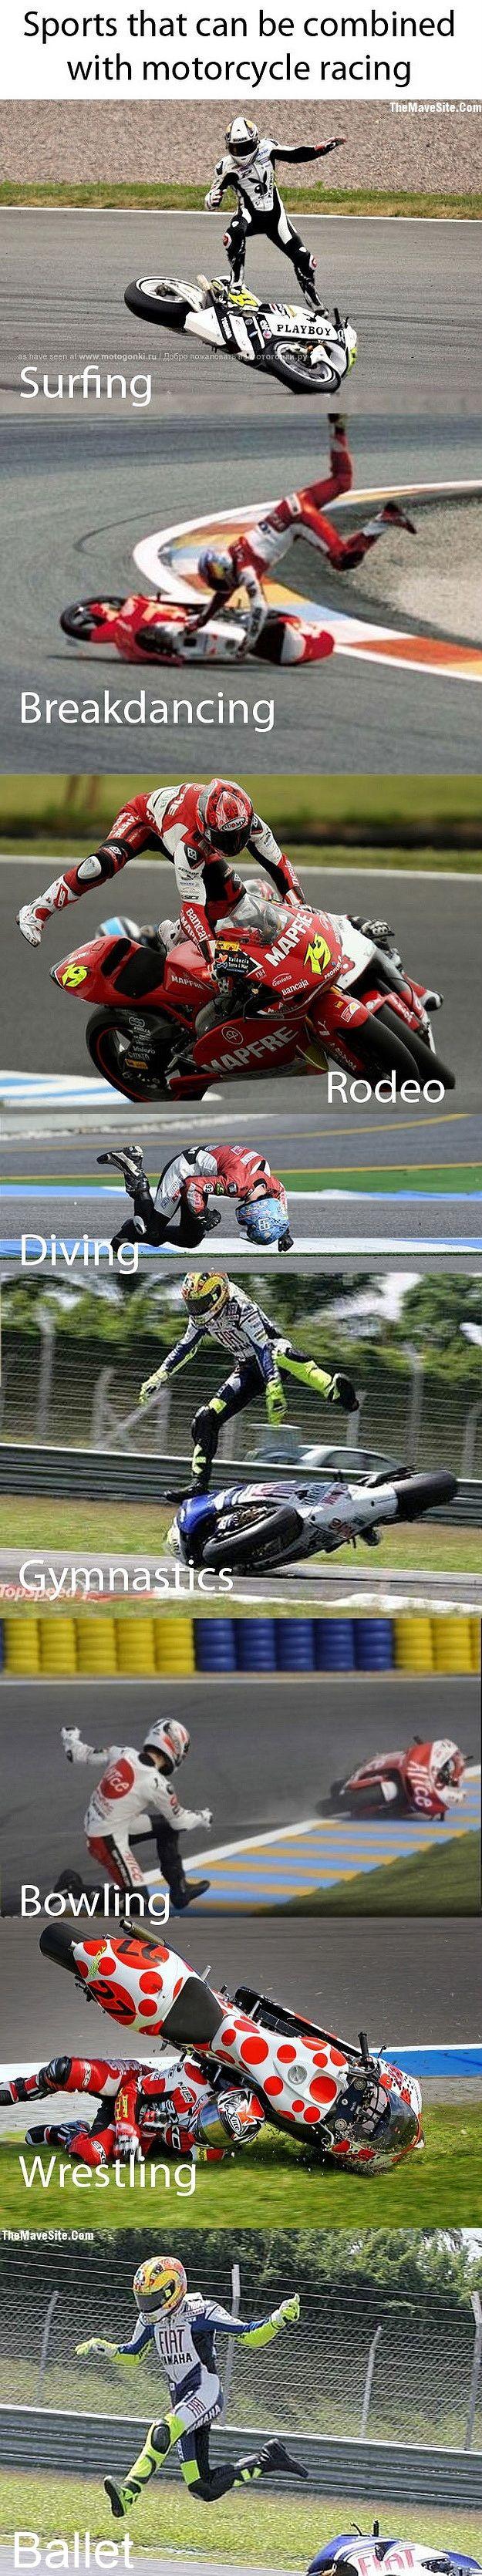 Motorcycle racing plus......